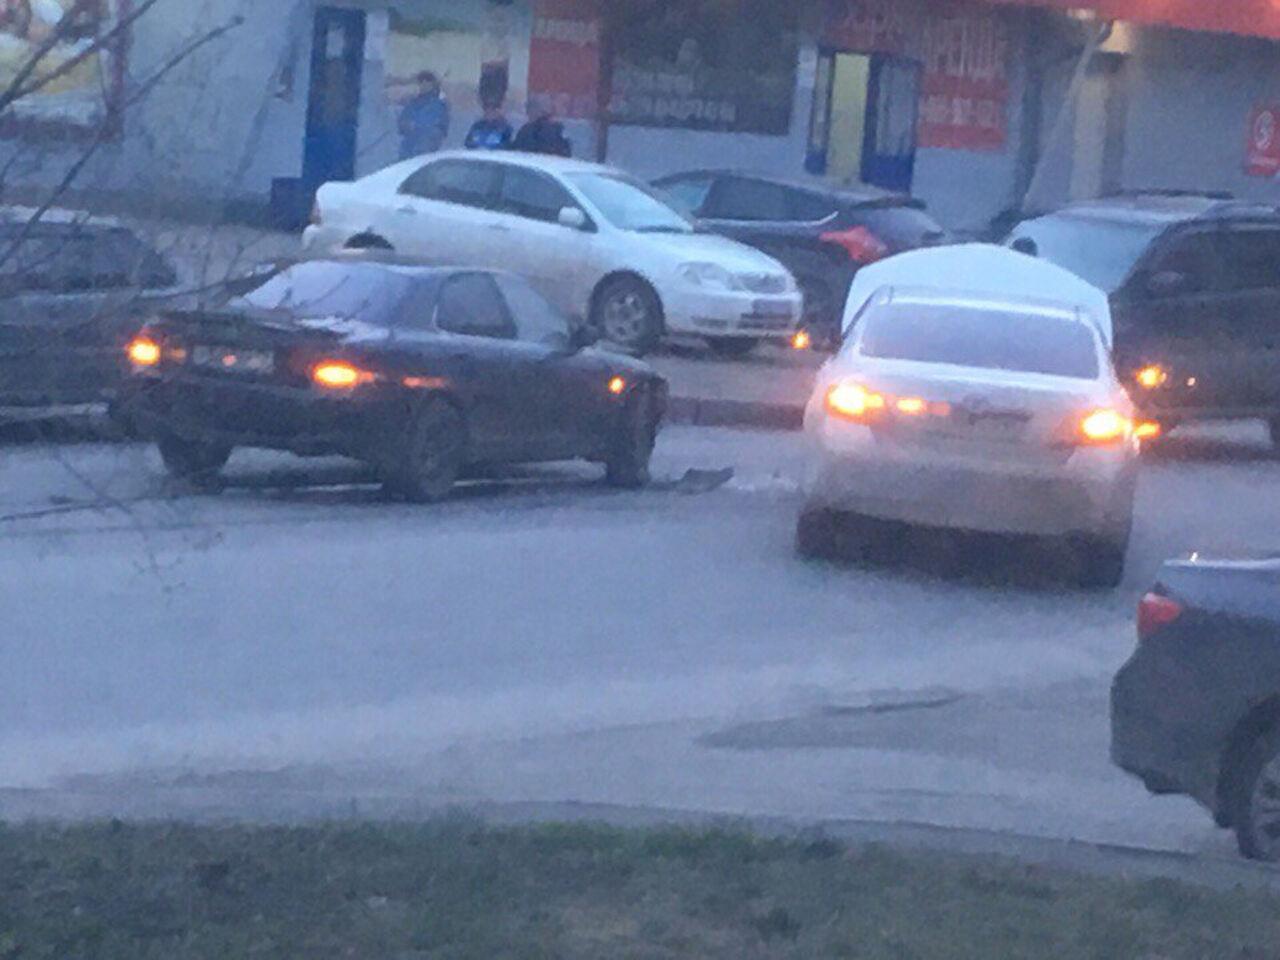 Фото: в Центральном районе Кемерово столкнулись две иномарки